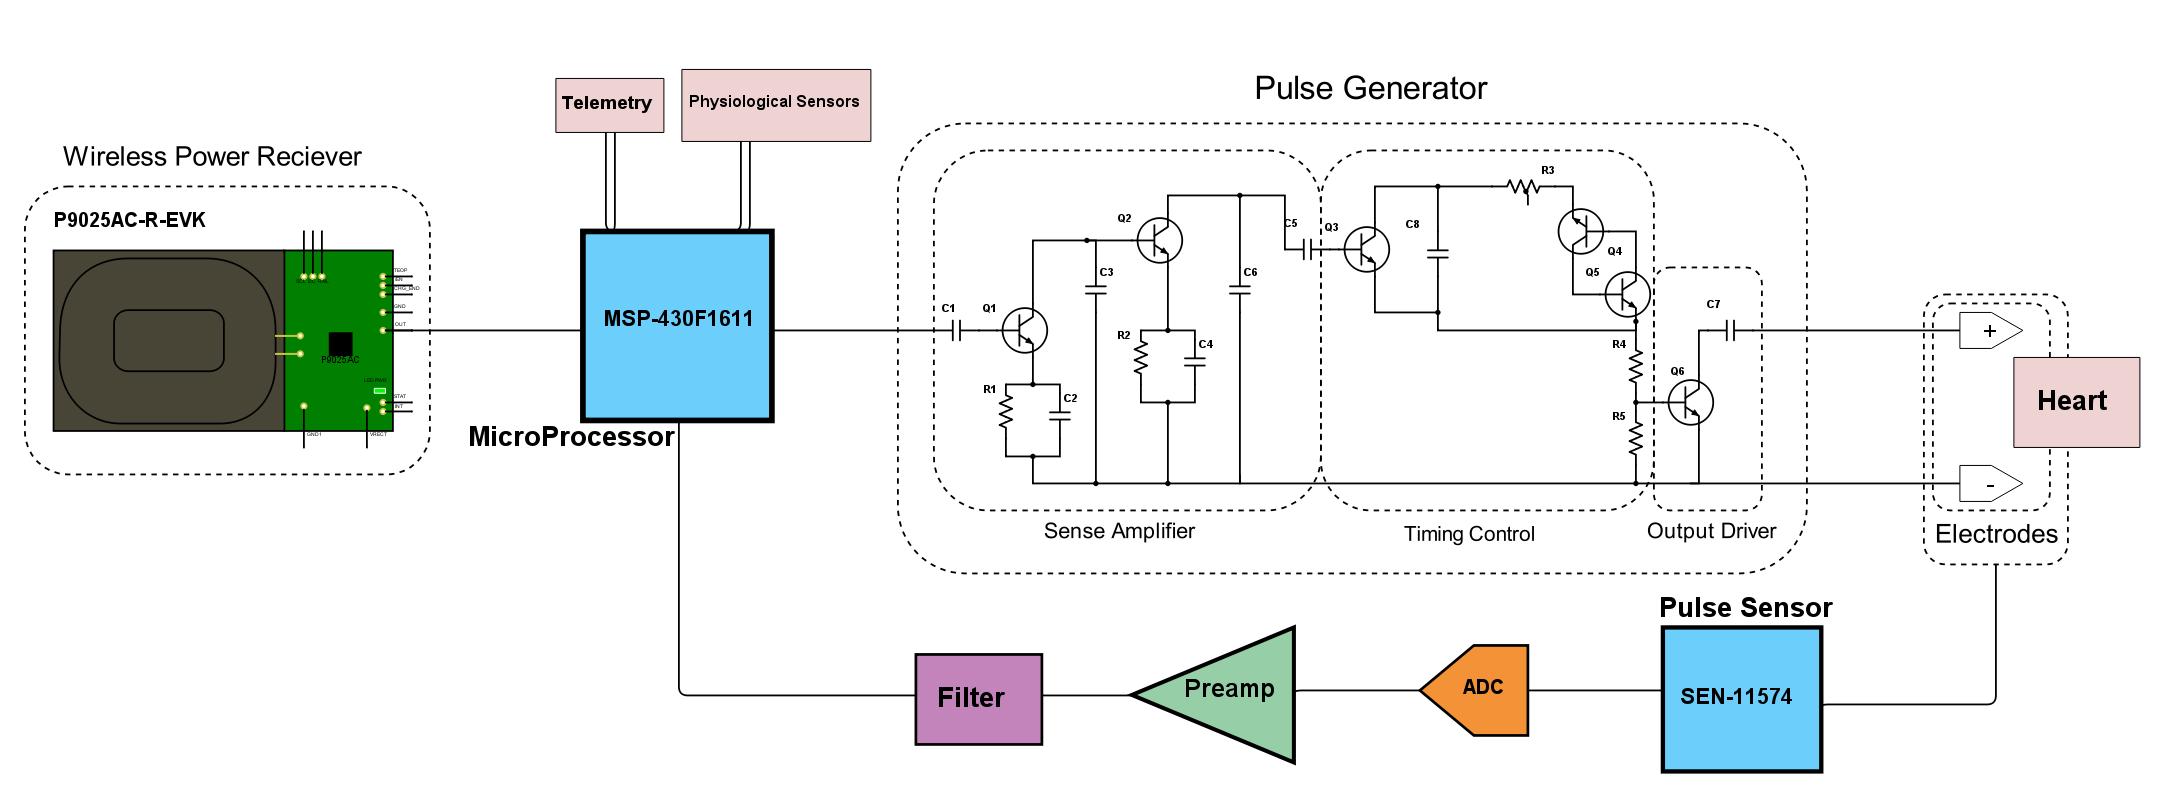 Pacemaker schematic cjfilu71fv